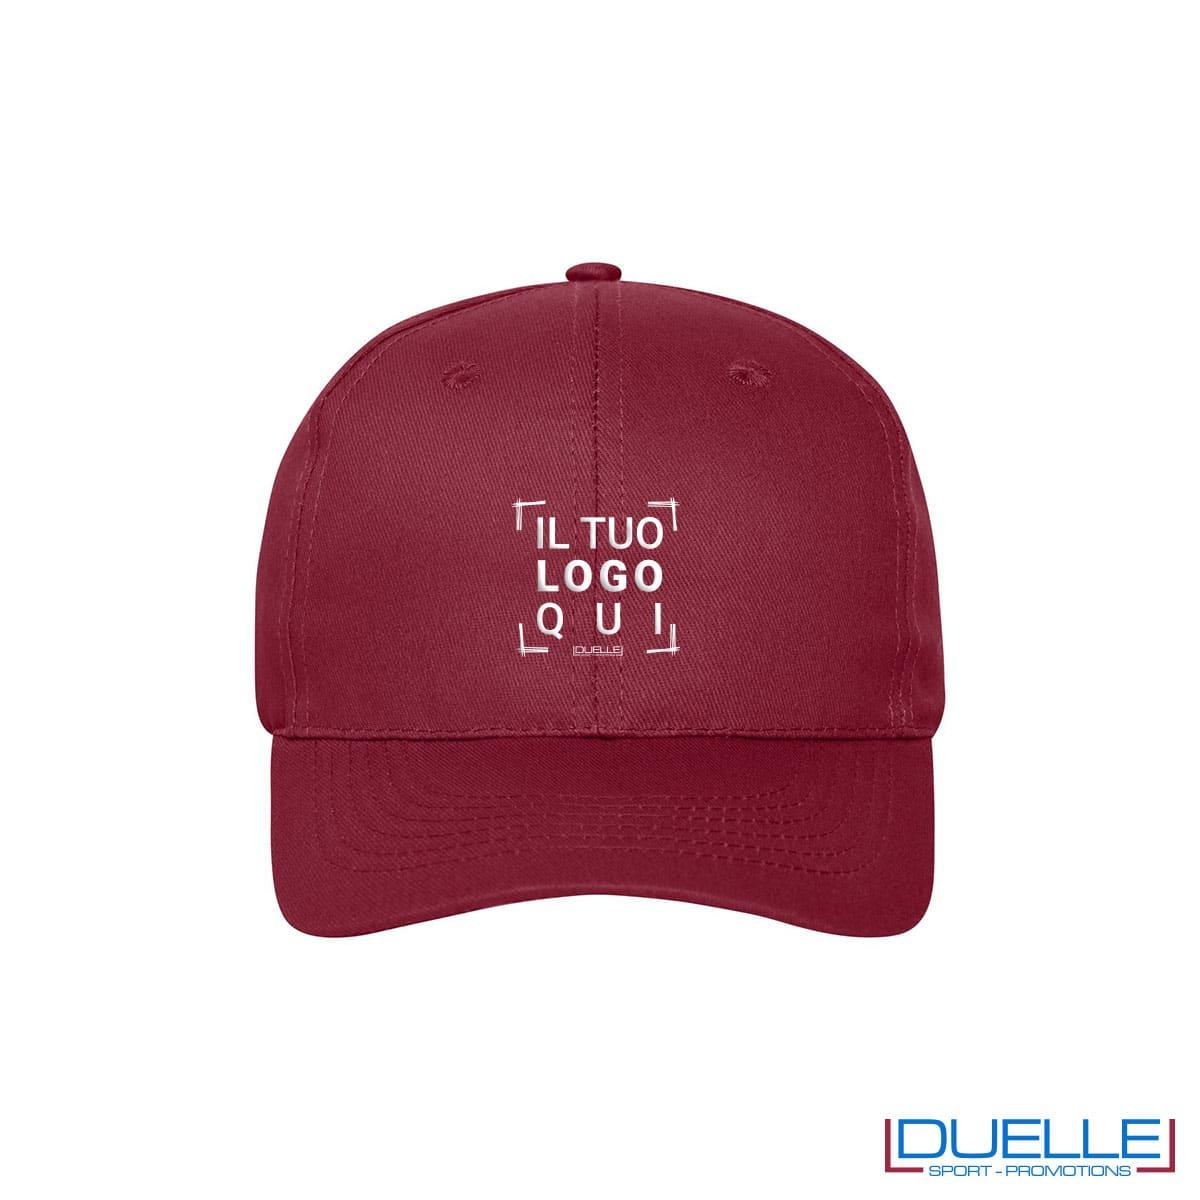 Cappellino cotone organico 6 pannelli colore bordeaux